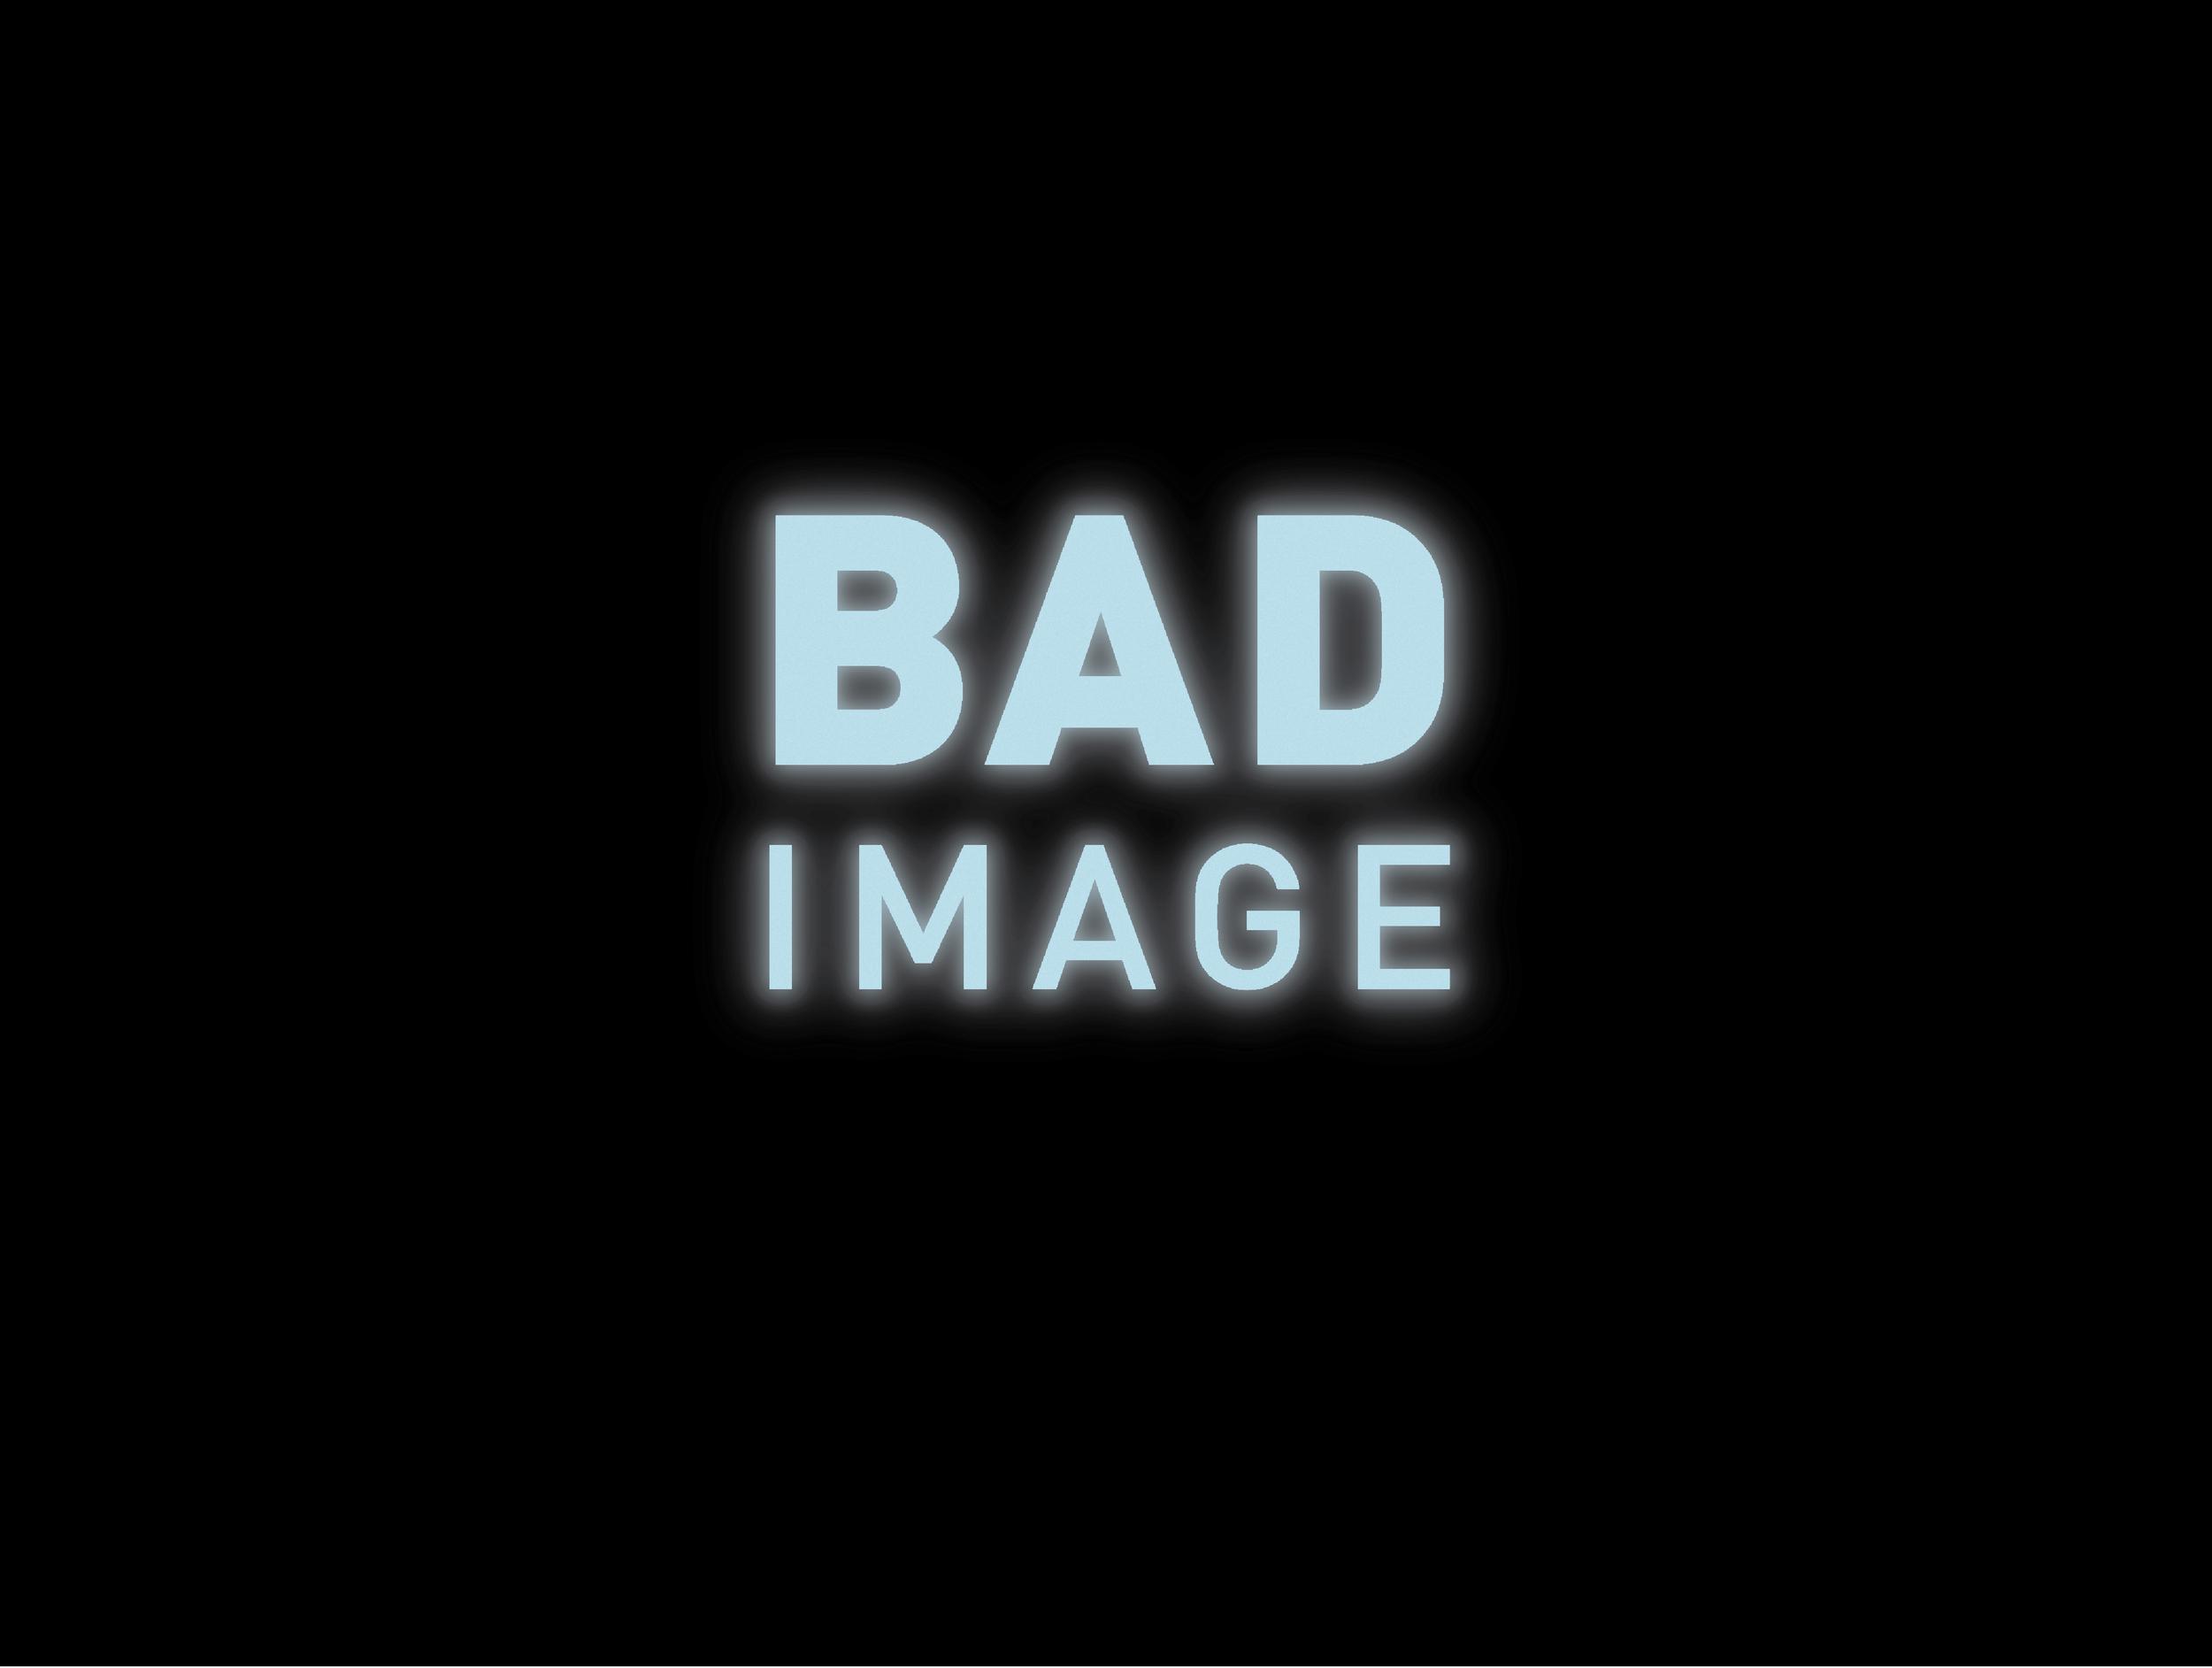 Film Logo Assetts 1.0-BadImage.jpg